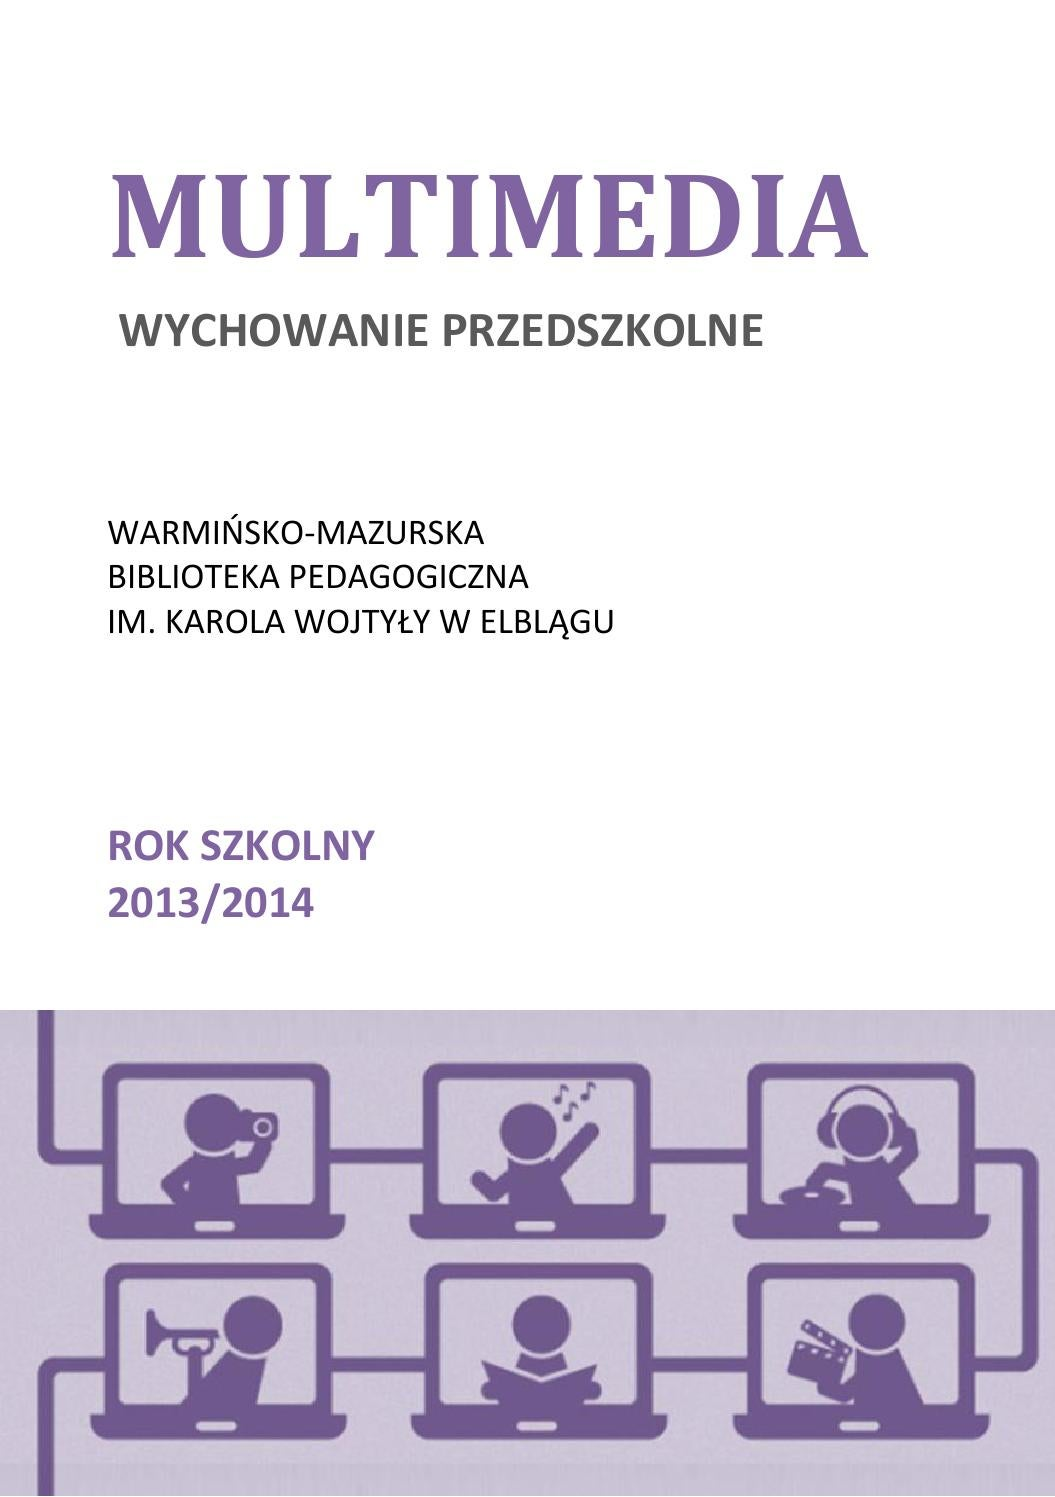 Wychowanie Przedszkolne Cz1 By Warmińsko Mazurska Biblioteka